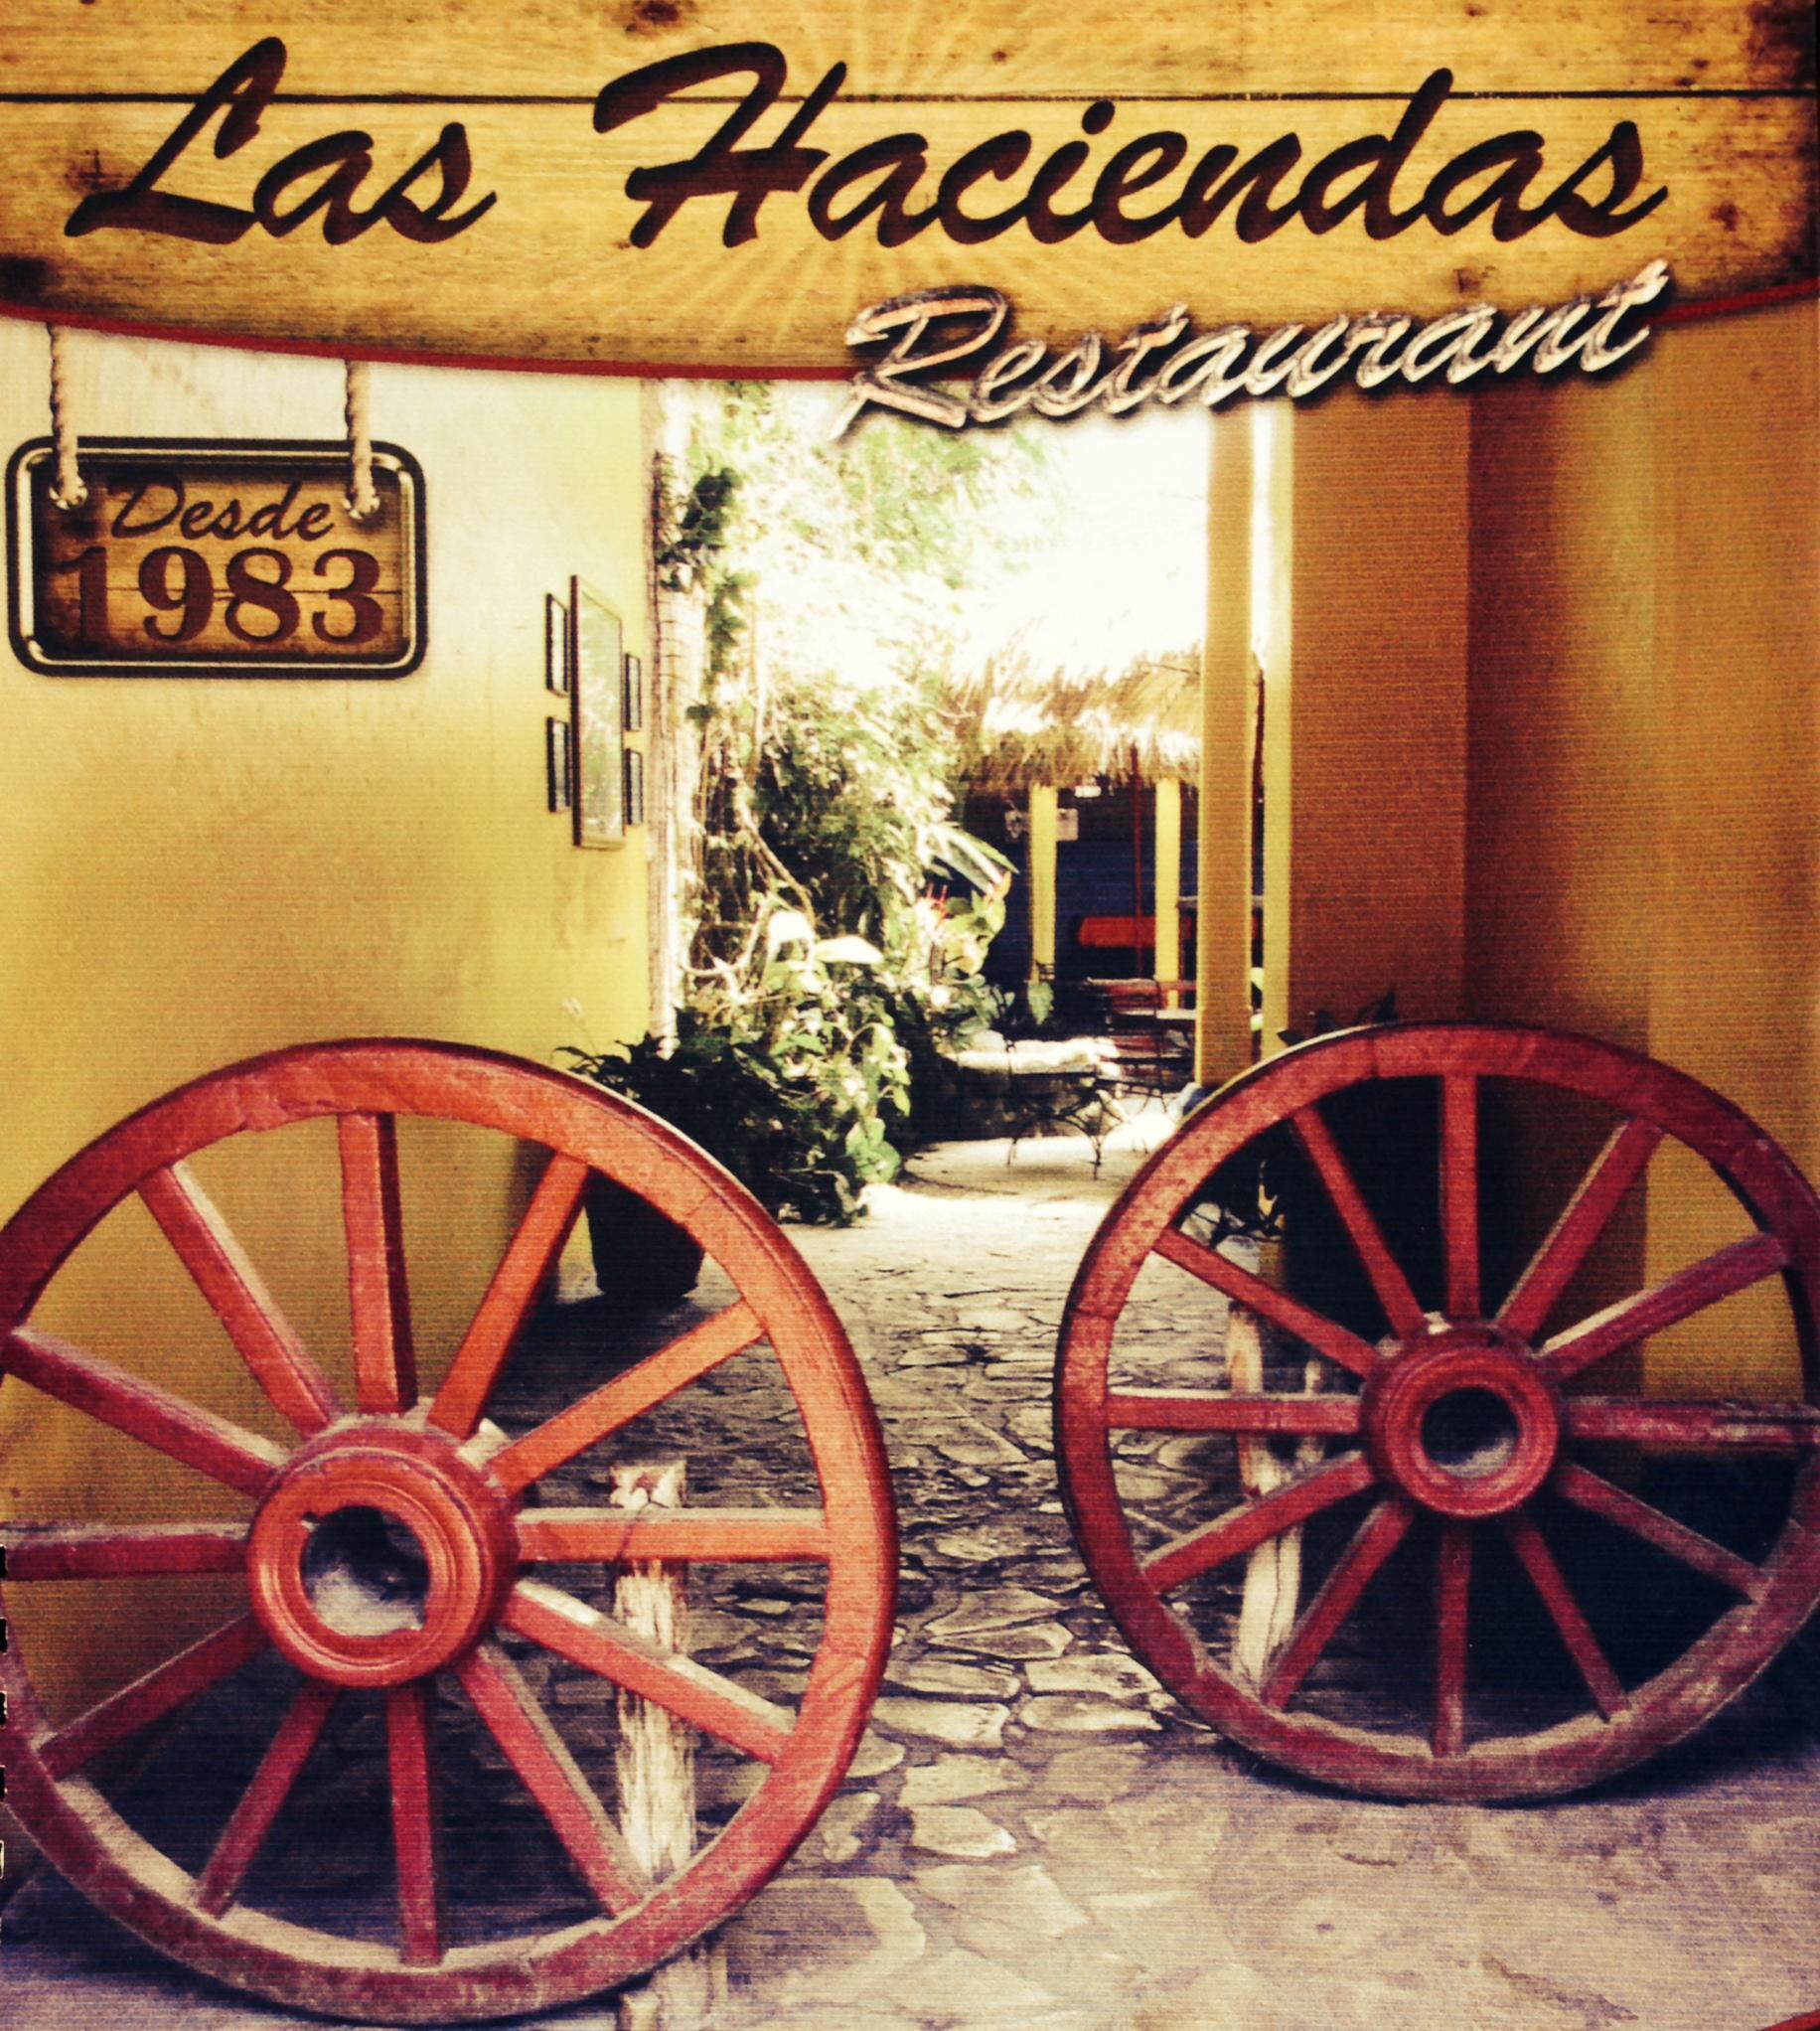 LAS HACIENDAS